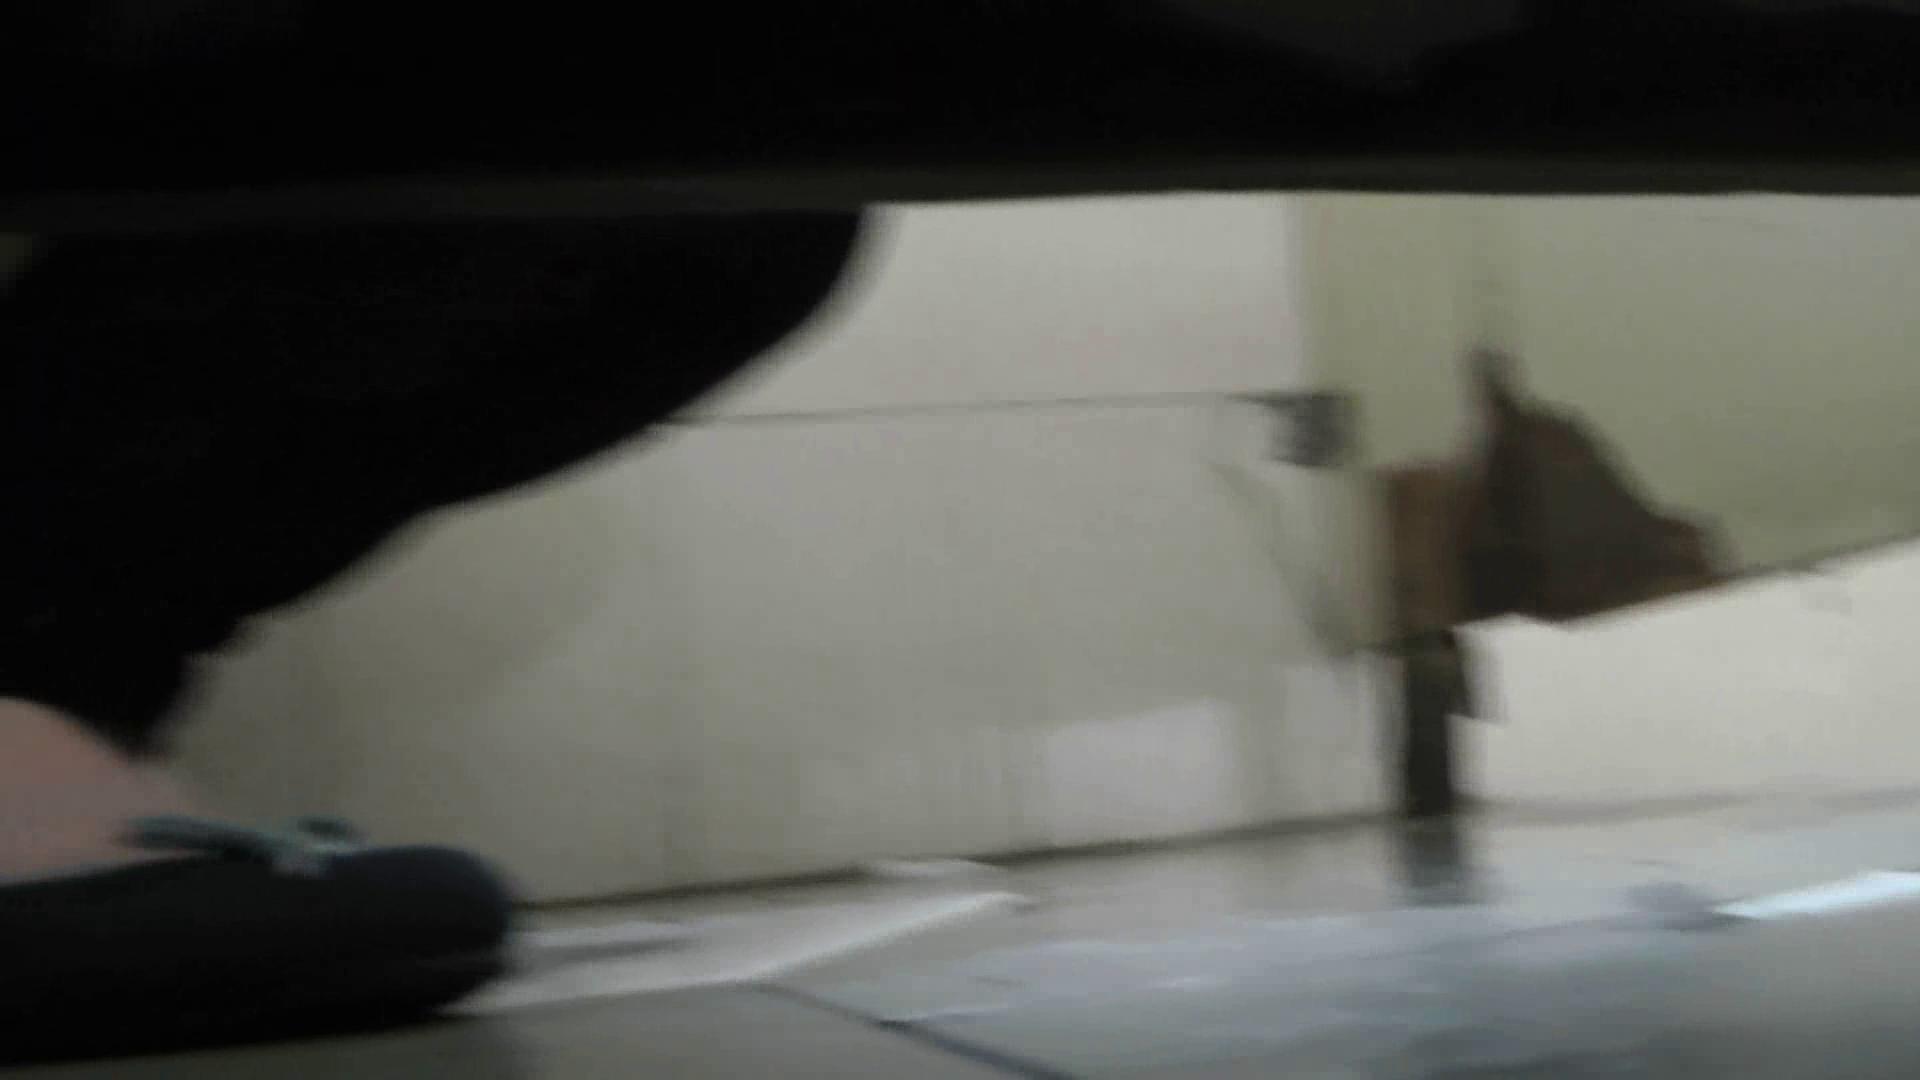 世界の射窓から ステーション編 vol.17厦大女厕偷拍 qianp OLのボディ  105PIX 90